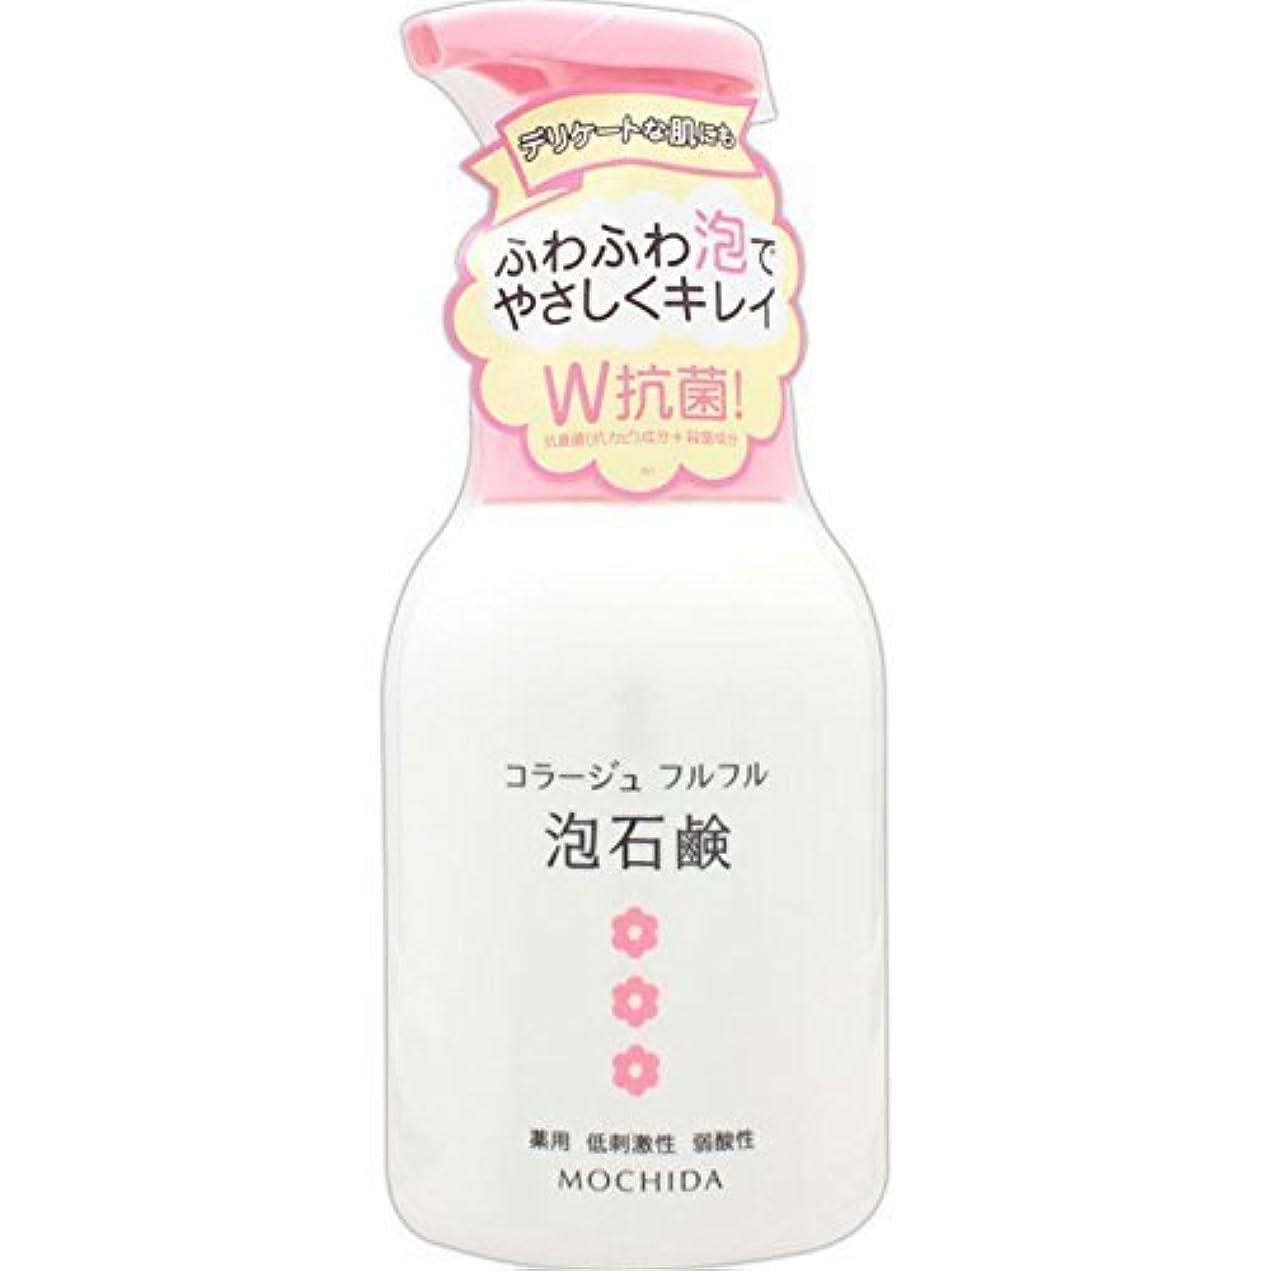 パス承知しました征服するコラージュフルフル 泡石鹸 ピンク 300m L (医薬部外品) ×4